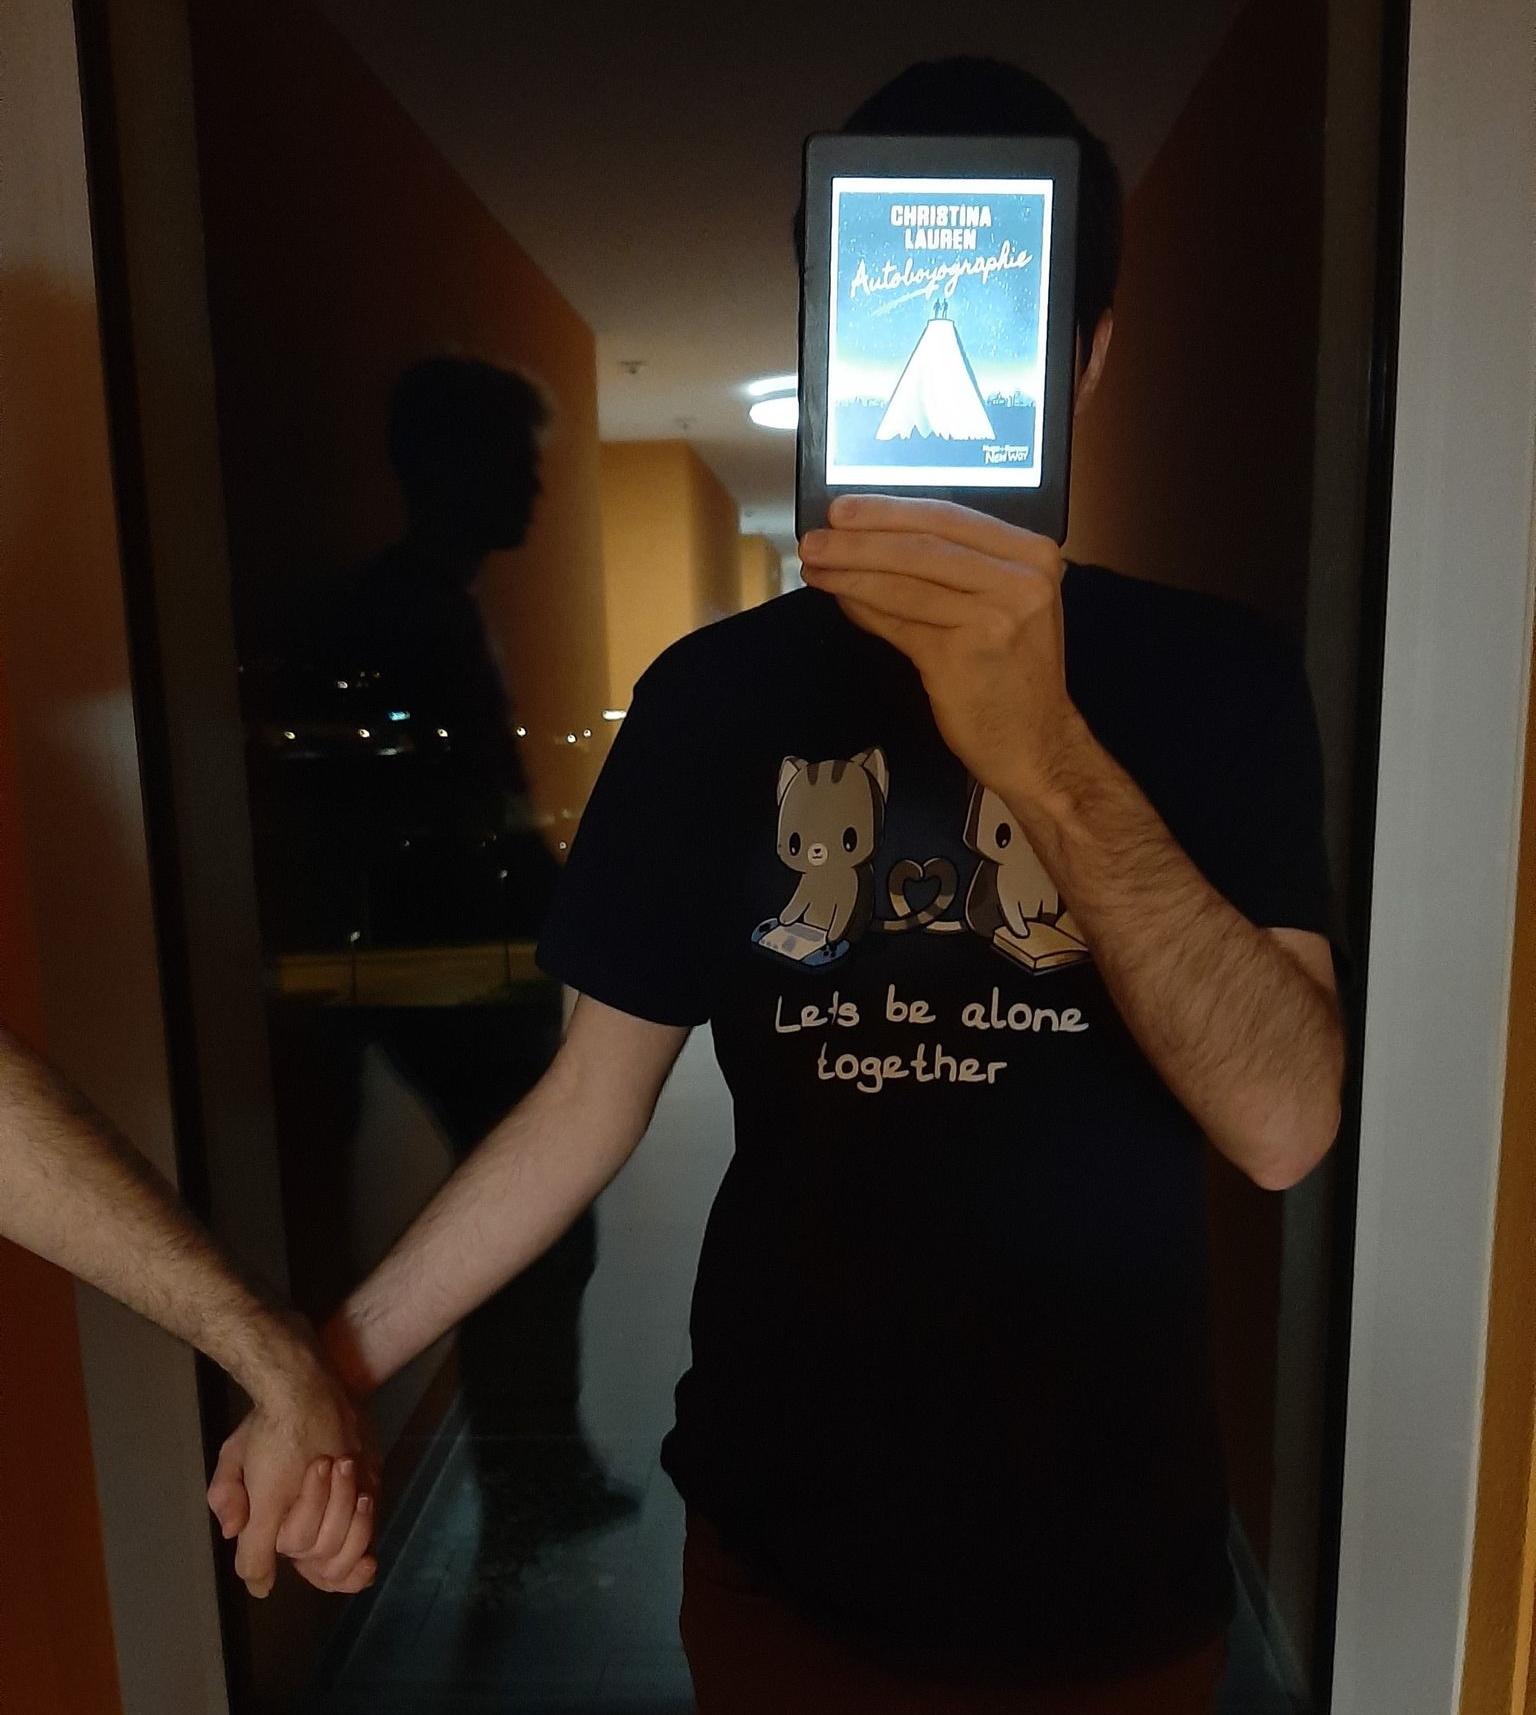 homme tenant une liseuse avec la couverture d'autoboyographie de Christina Lauren devant son visage dans une pièce sombre, tenant la main d'une autre personne. La vitre derrière montre le reflet d'une silhouette masculine